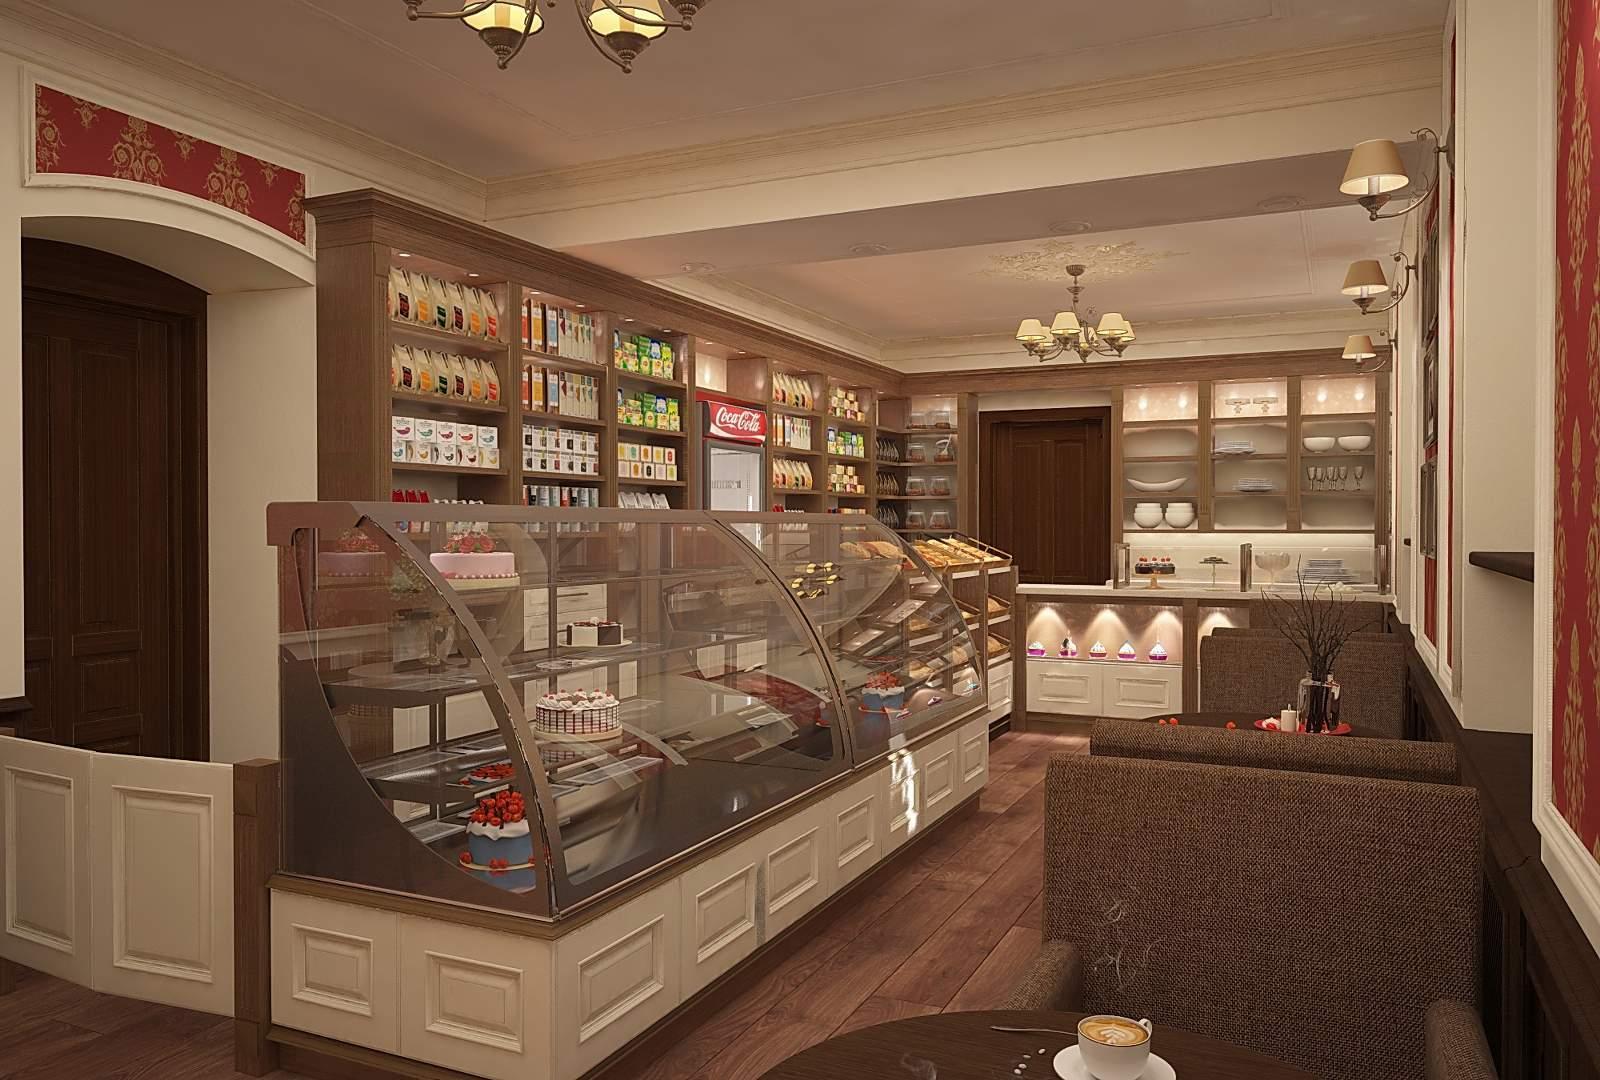 Franz_Sacher_caffe_interior_9_1600x1080_1600x1080